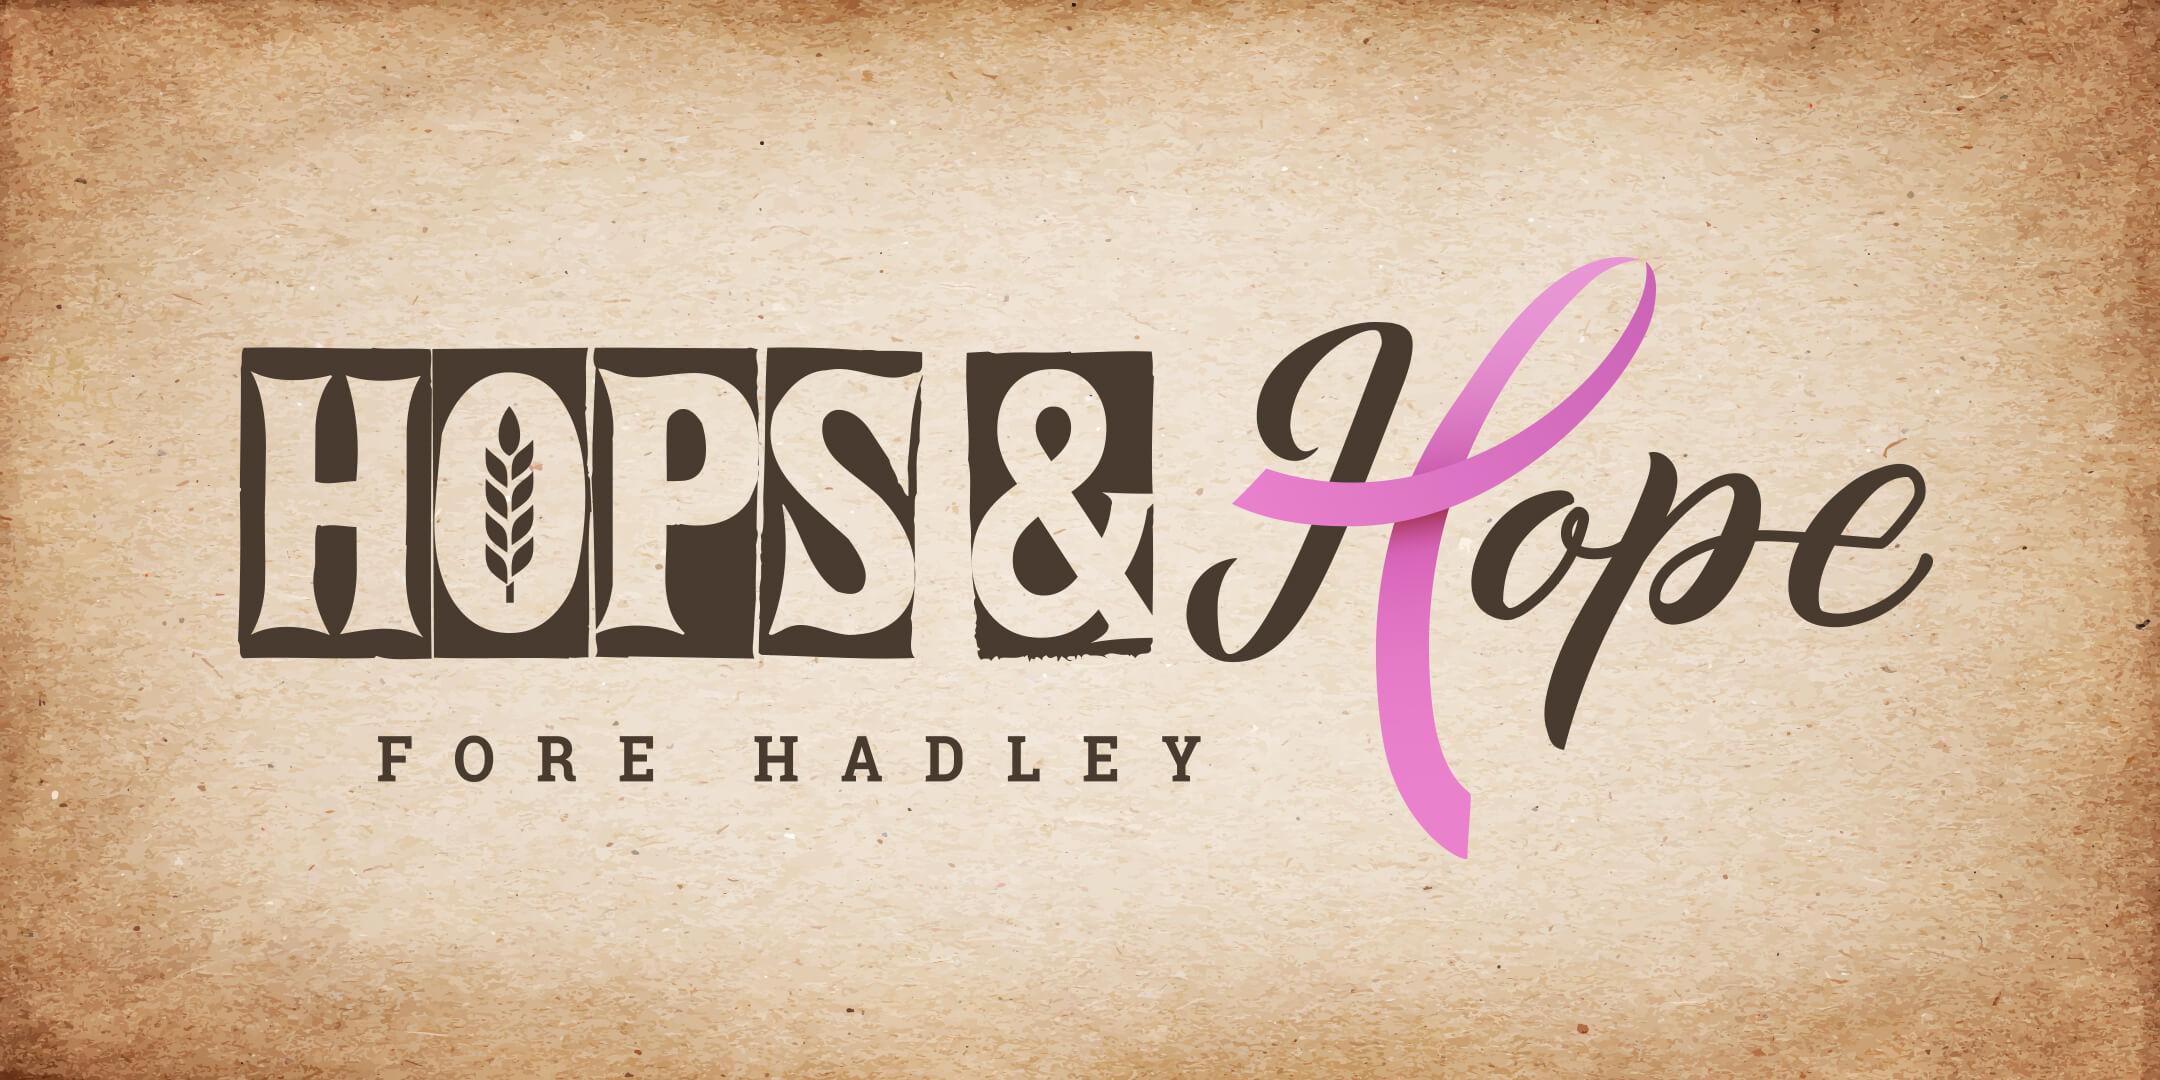 Hops-Hope-EventBrite-Hero.jpg